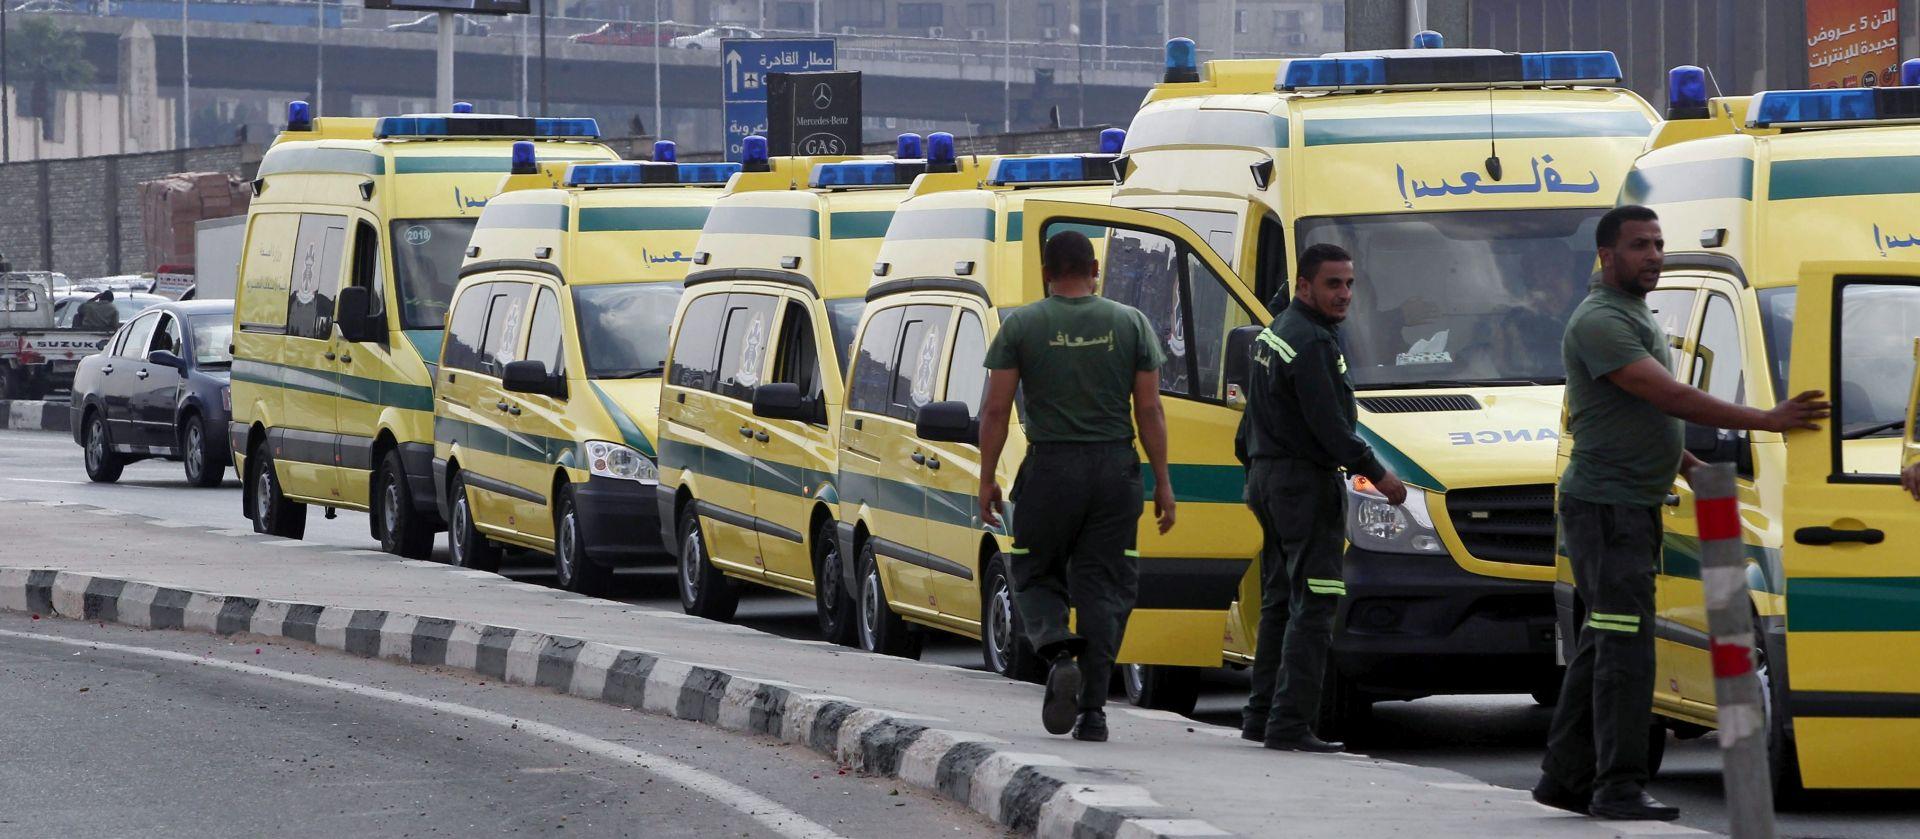 PAD RUSKOG AVIONA: Islamisti tvrde kako su oni odgovorni za nesreću